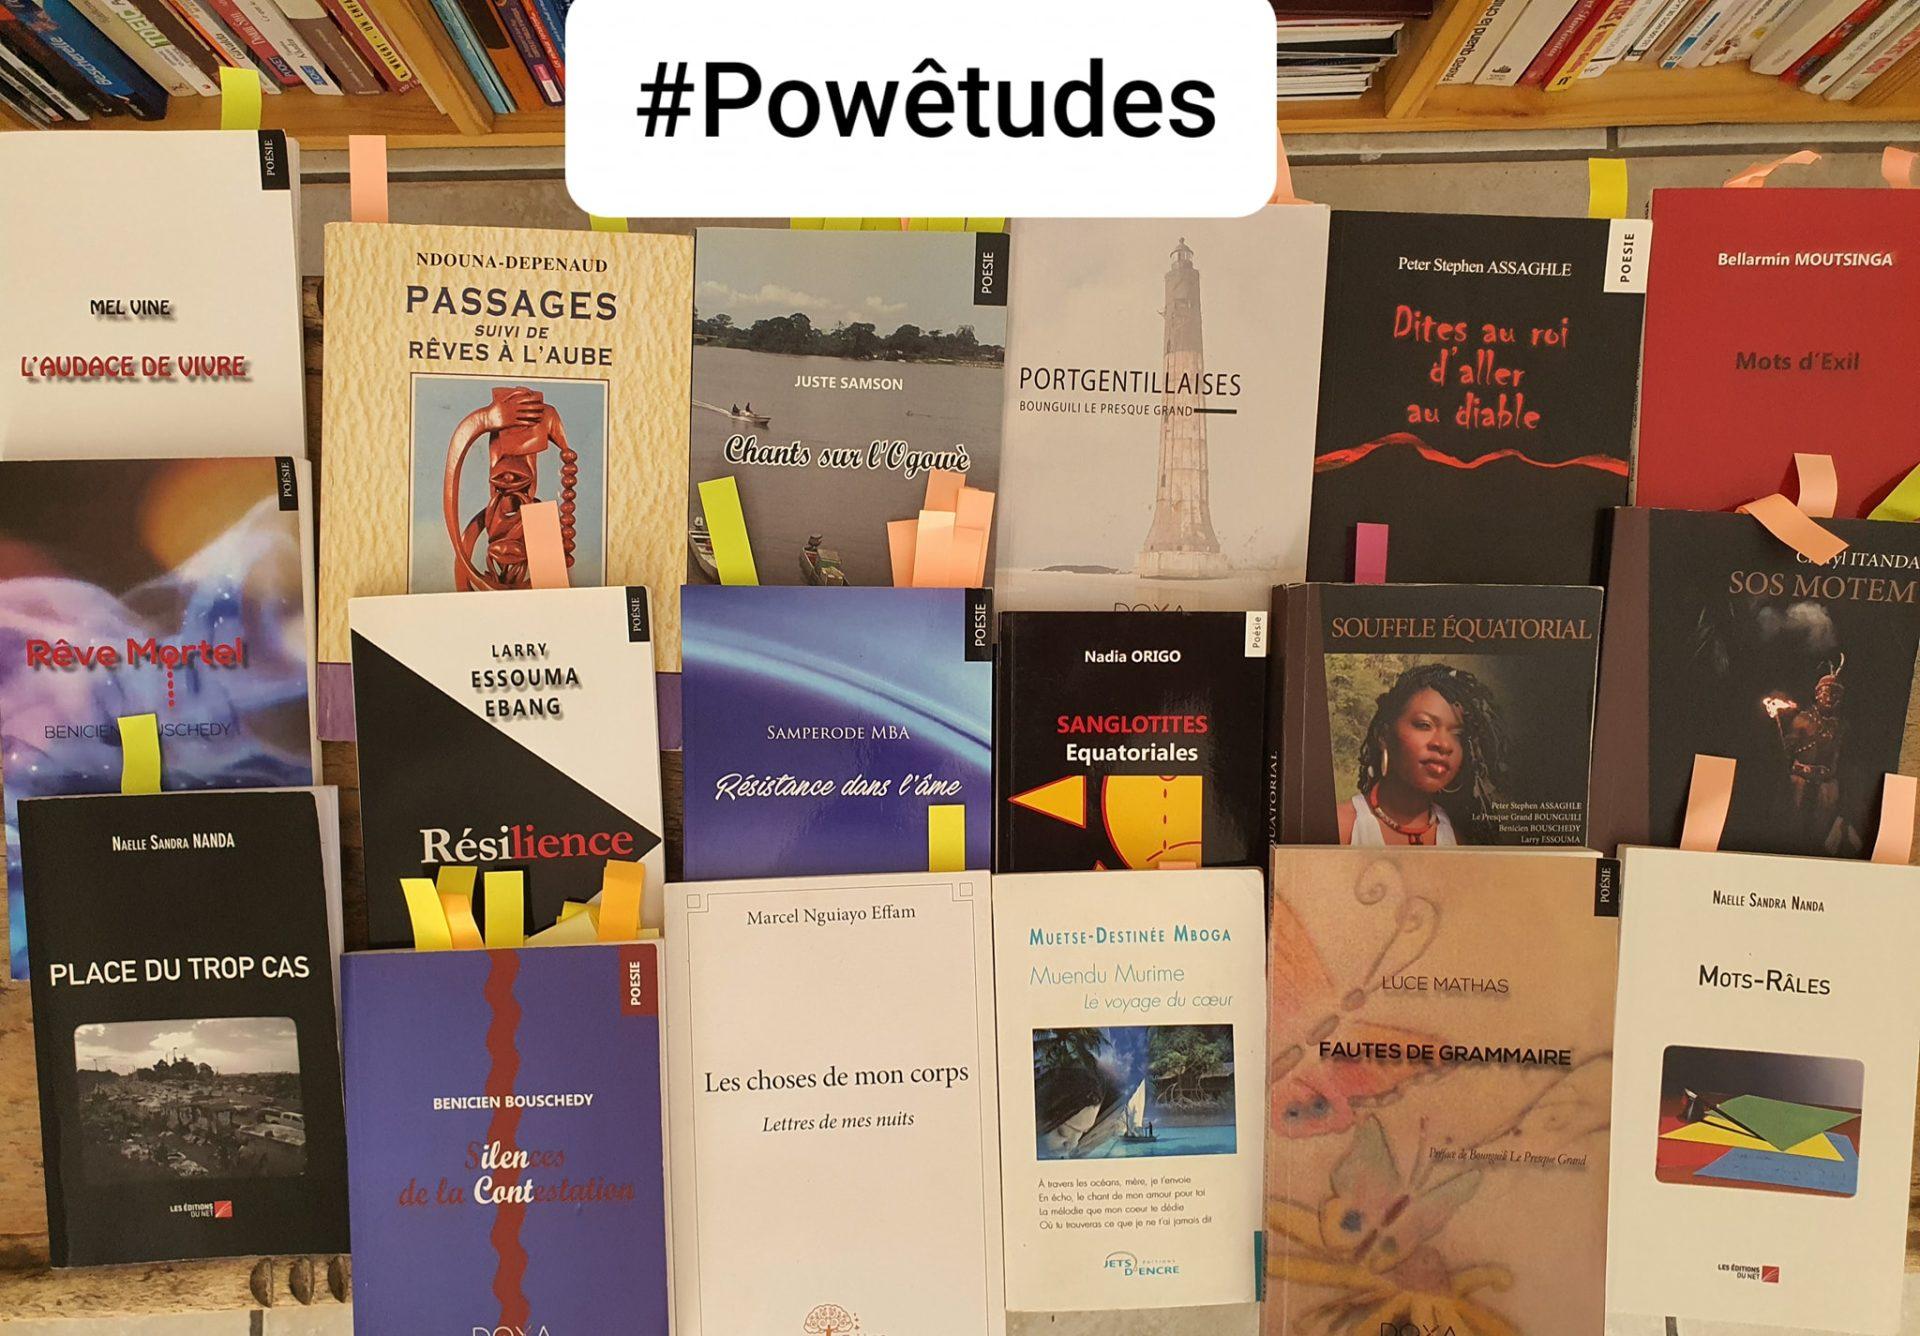 Les invité(e)s du Festival Les powêtudes